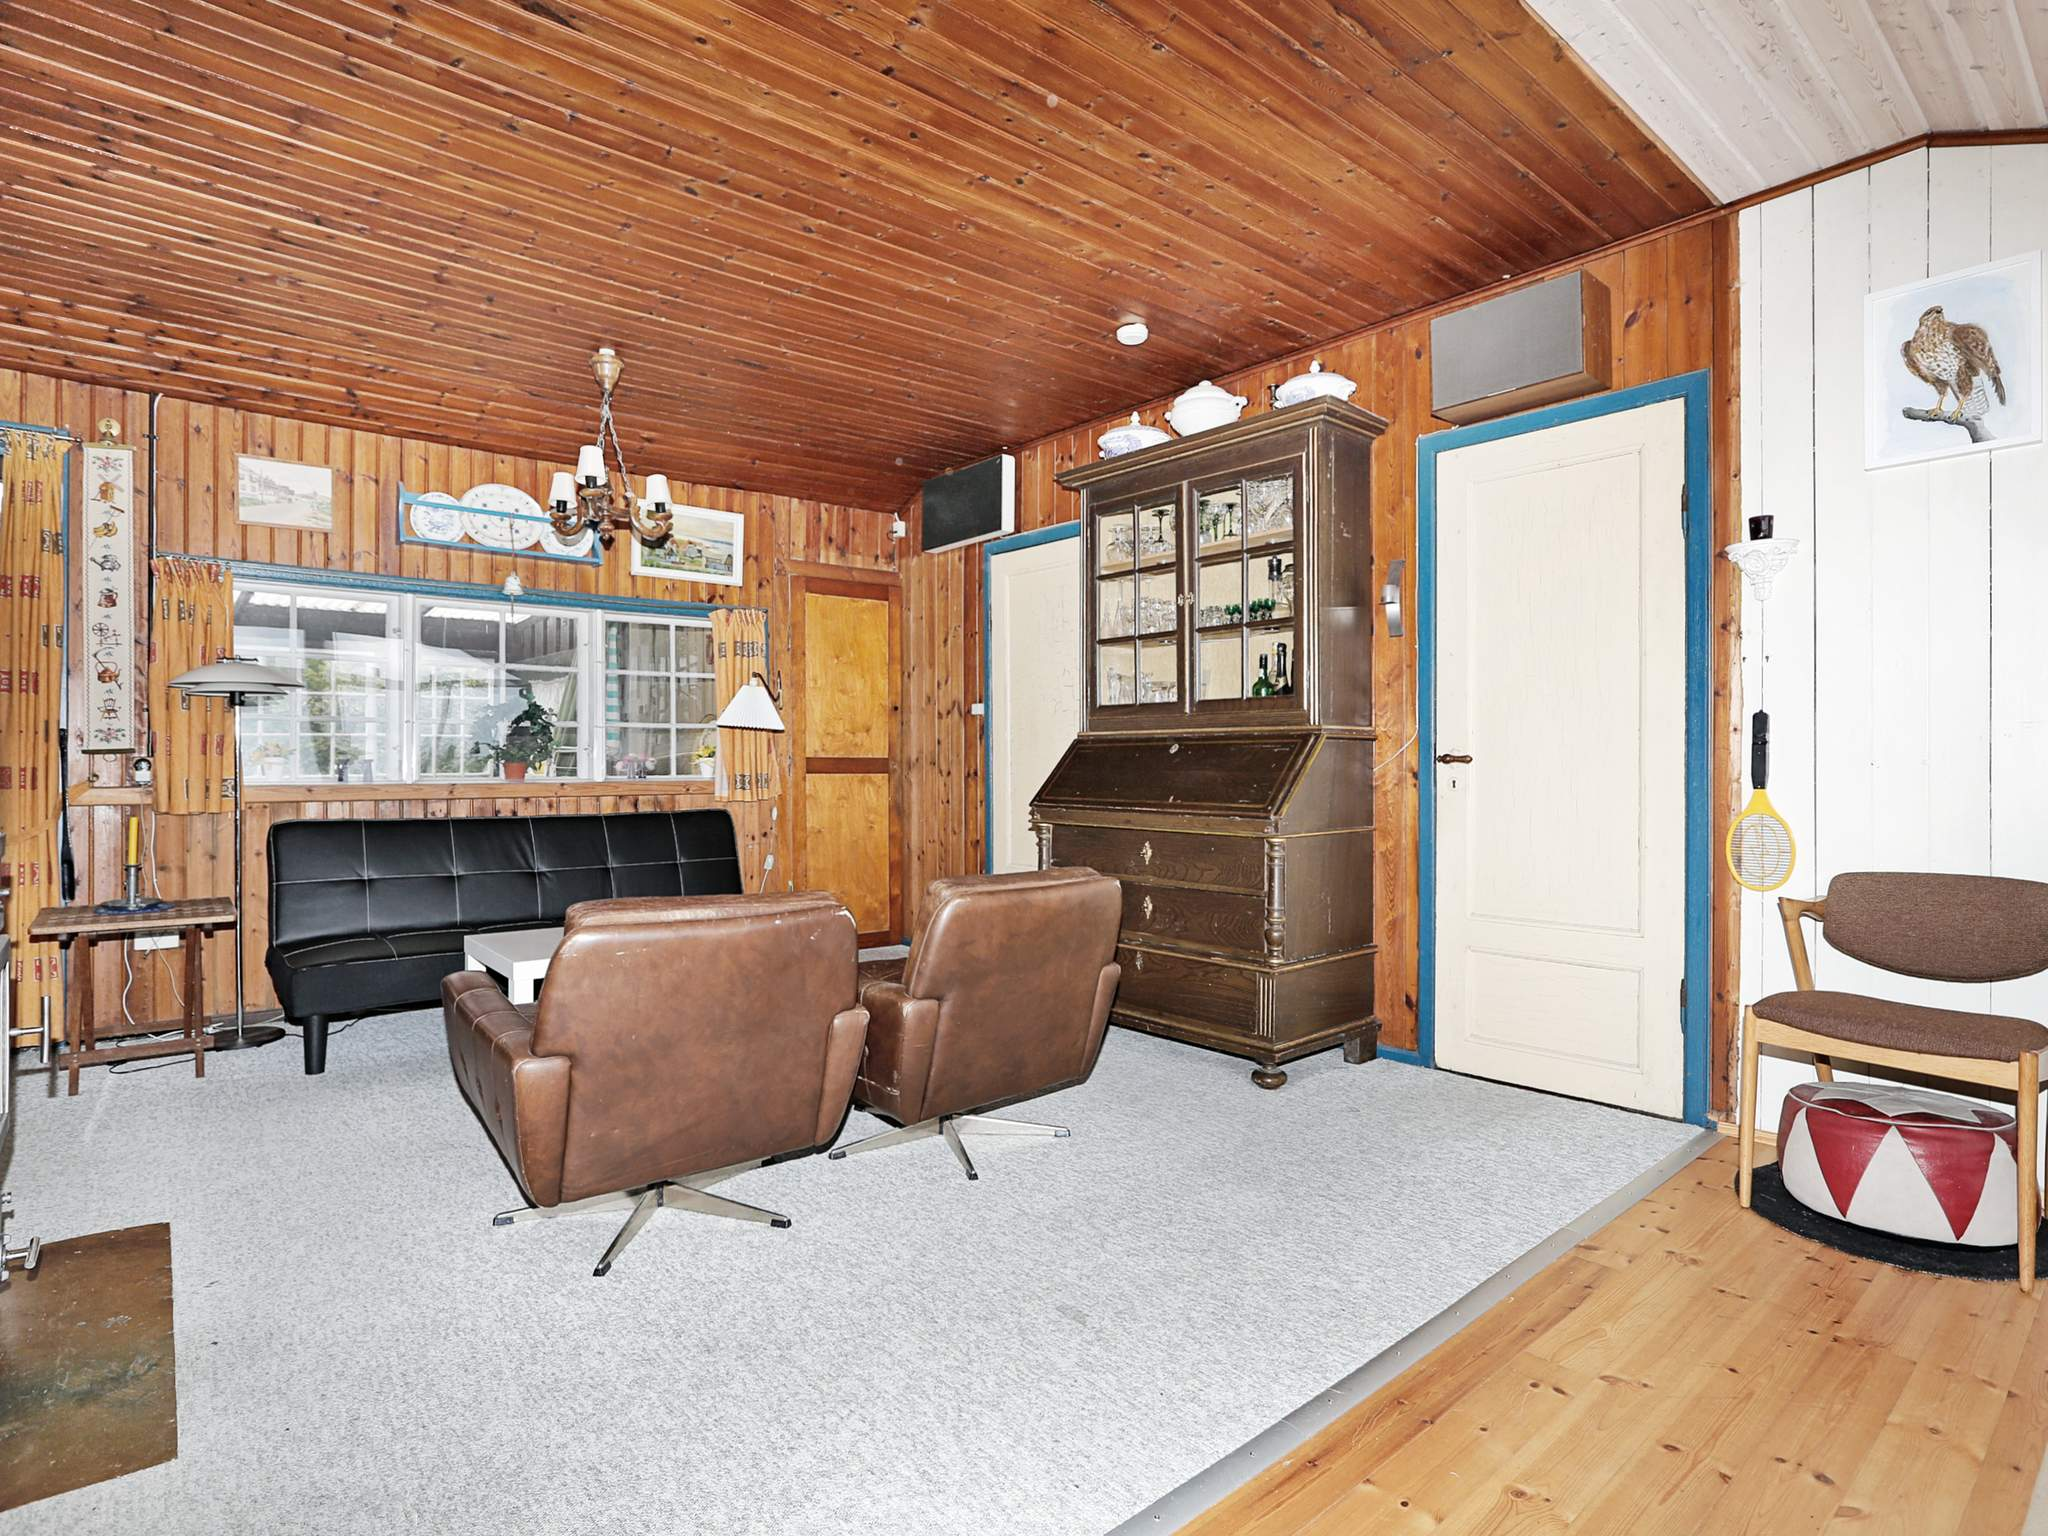 Ferienhaus Rågeleje (921041), Rågeleje, , Nordseeland, Dänemark, Bild 4